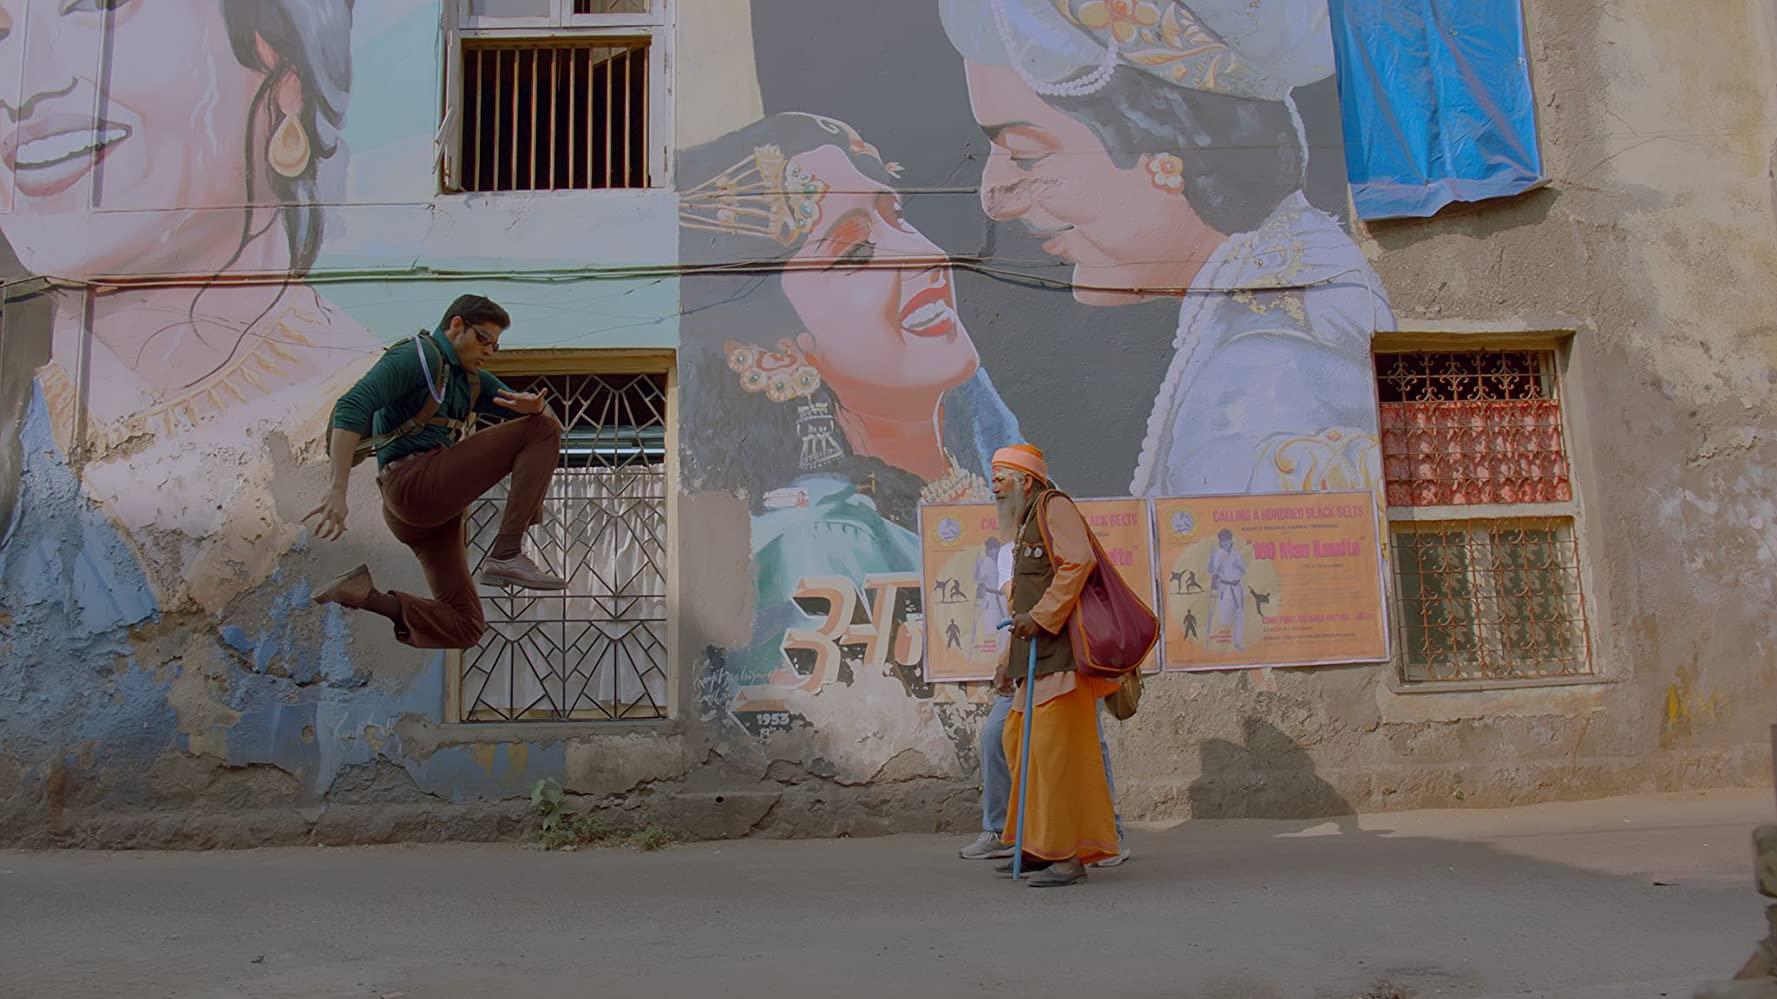 در یک سال گذشته، اسلام هراسی و حمایت از دولت نارندا مودی از تم های اصلی سینمای بالیوود بوده است در حالی که همچنان کیفیت و عمق محدودی در تولیدات سینمایی دیده می شد.